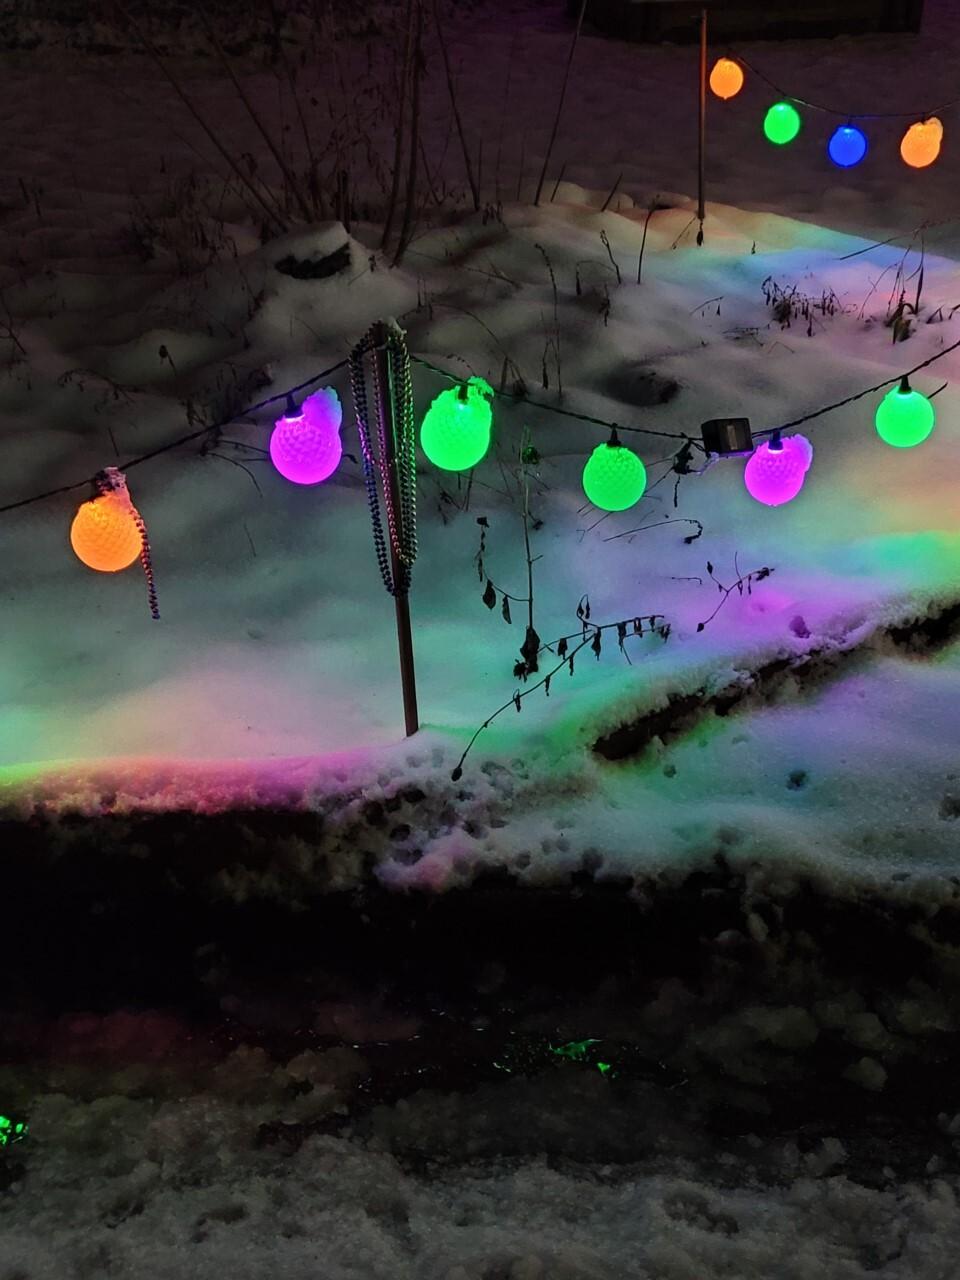 Mardi Gras Lights Penny Ladnier.jpg